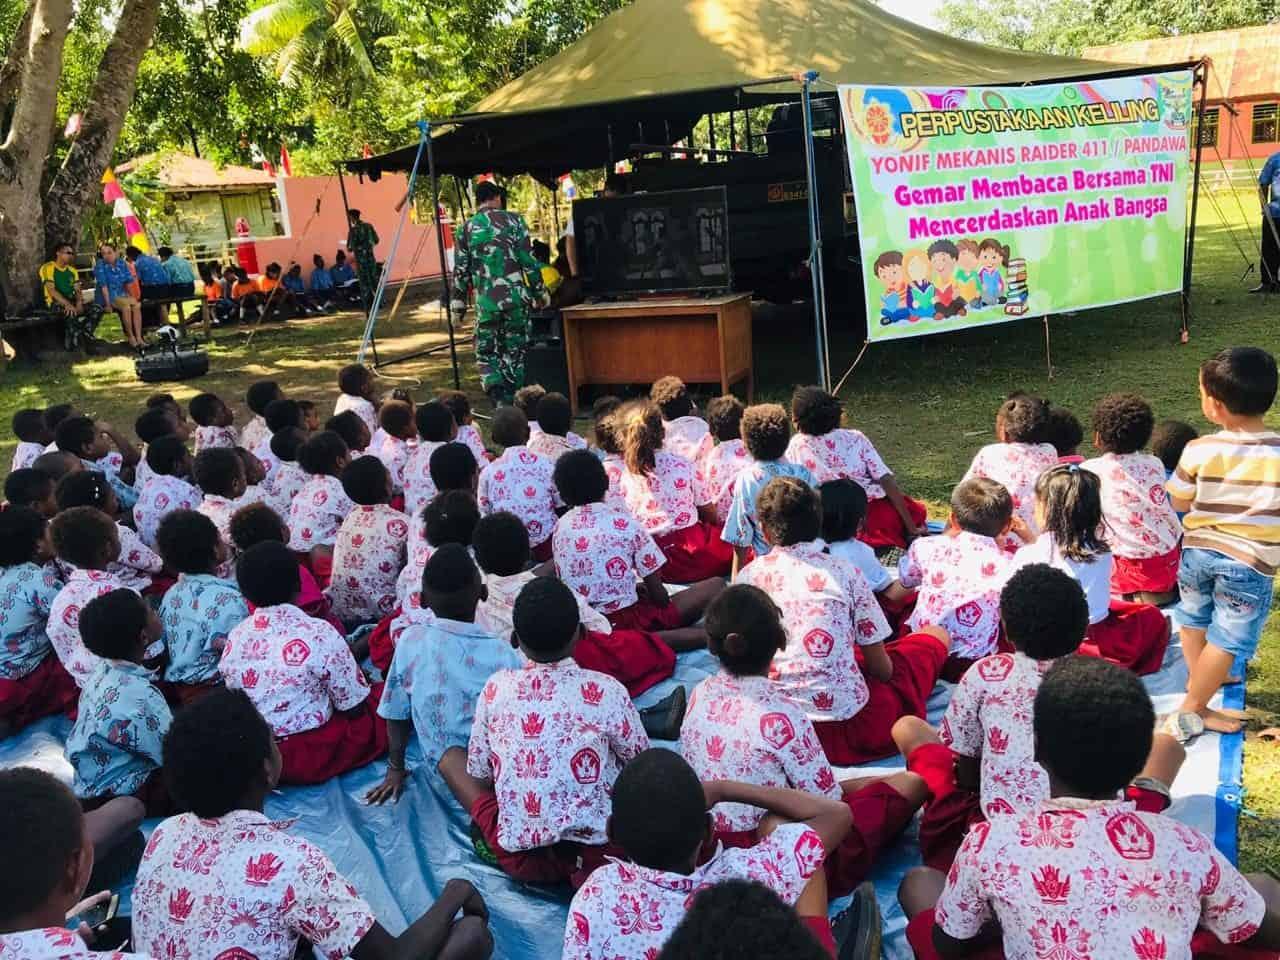 Motivasi Literasi di Wiltas, Perpustakan Satgas Yonif MR 411 Sambangi Sekolah di Sota